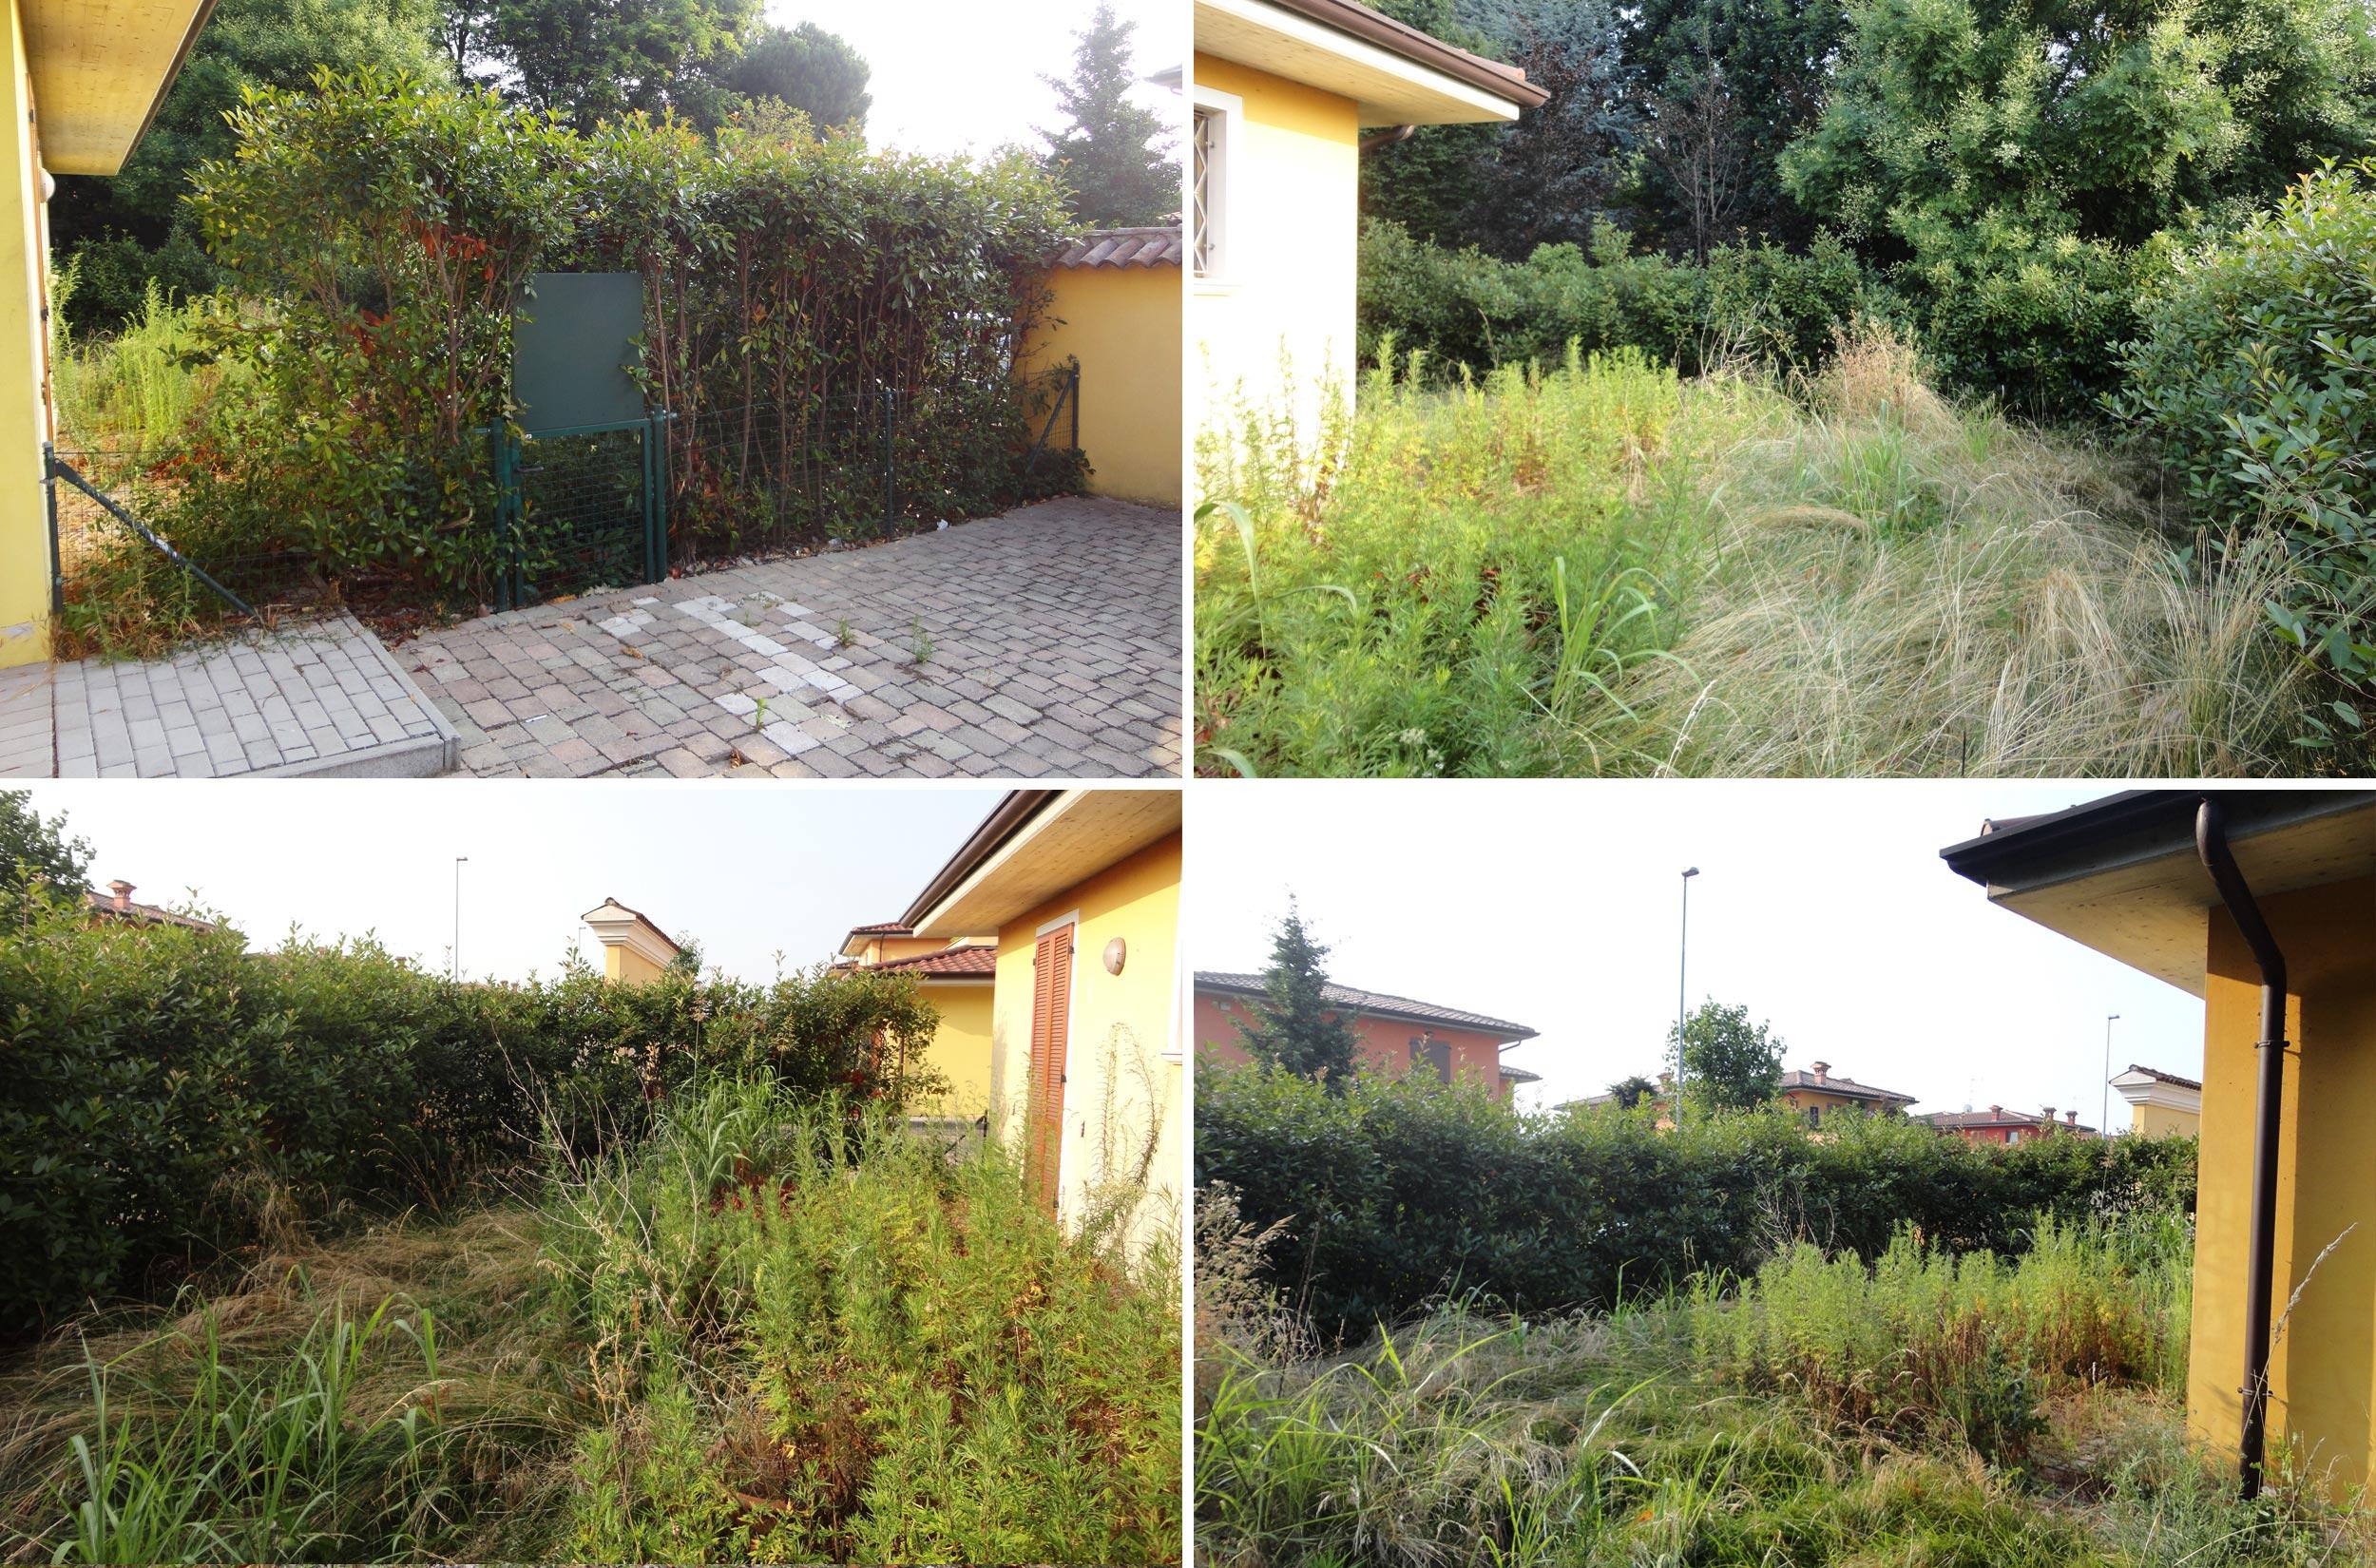 Progettare Un Giardino In Campagna il giardino inaspettato | progettazione giardini agronomo